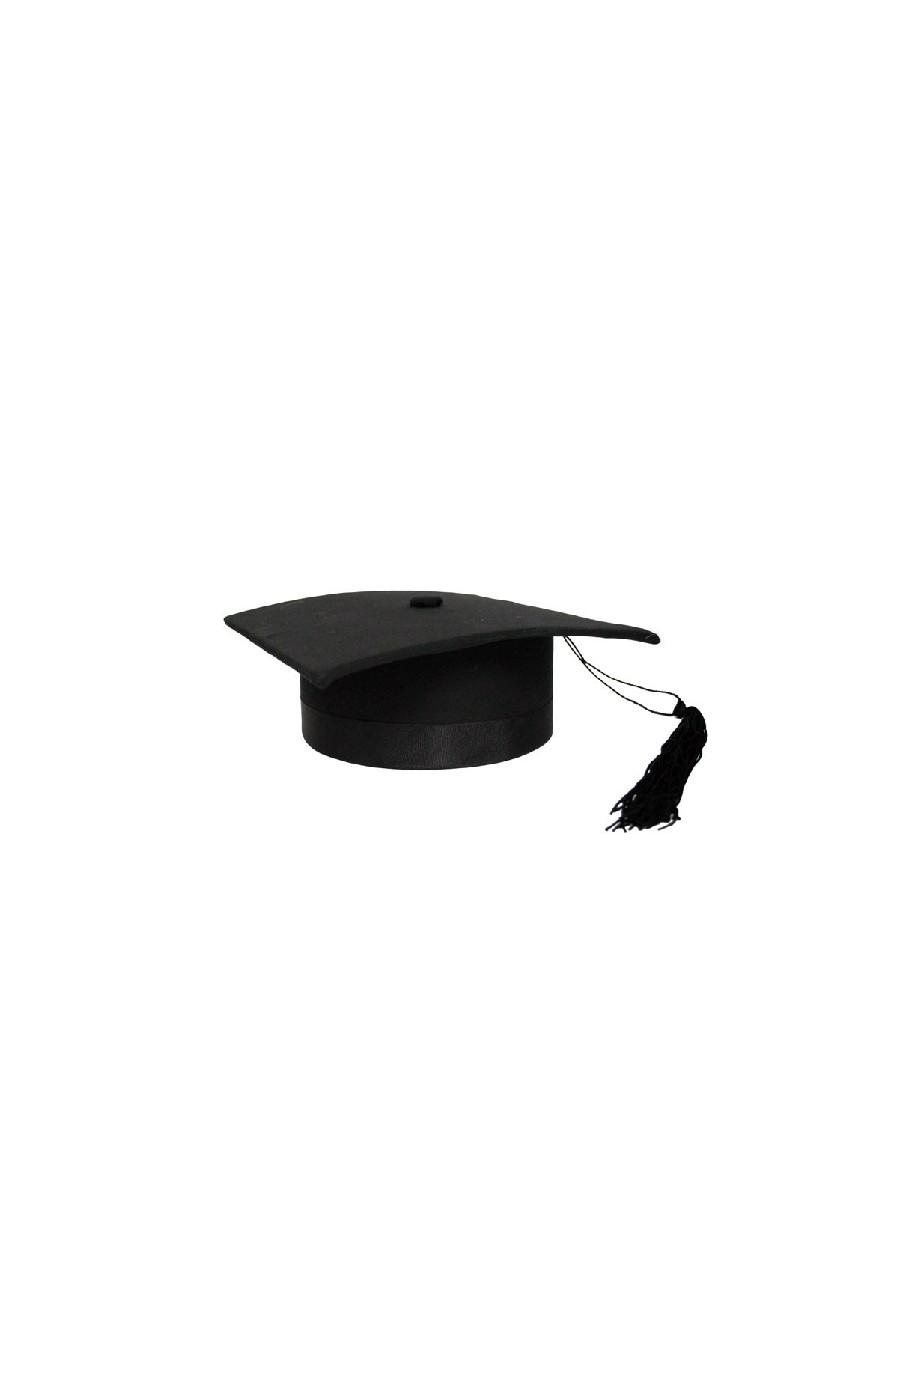 Cappello laureato tocco de luxe nero rigido molto bello ef6b289bf073